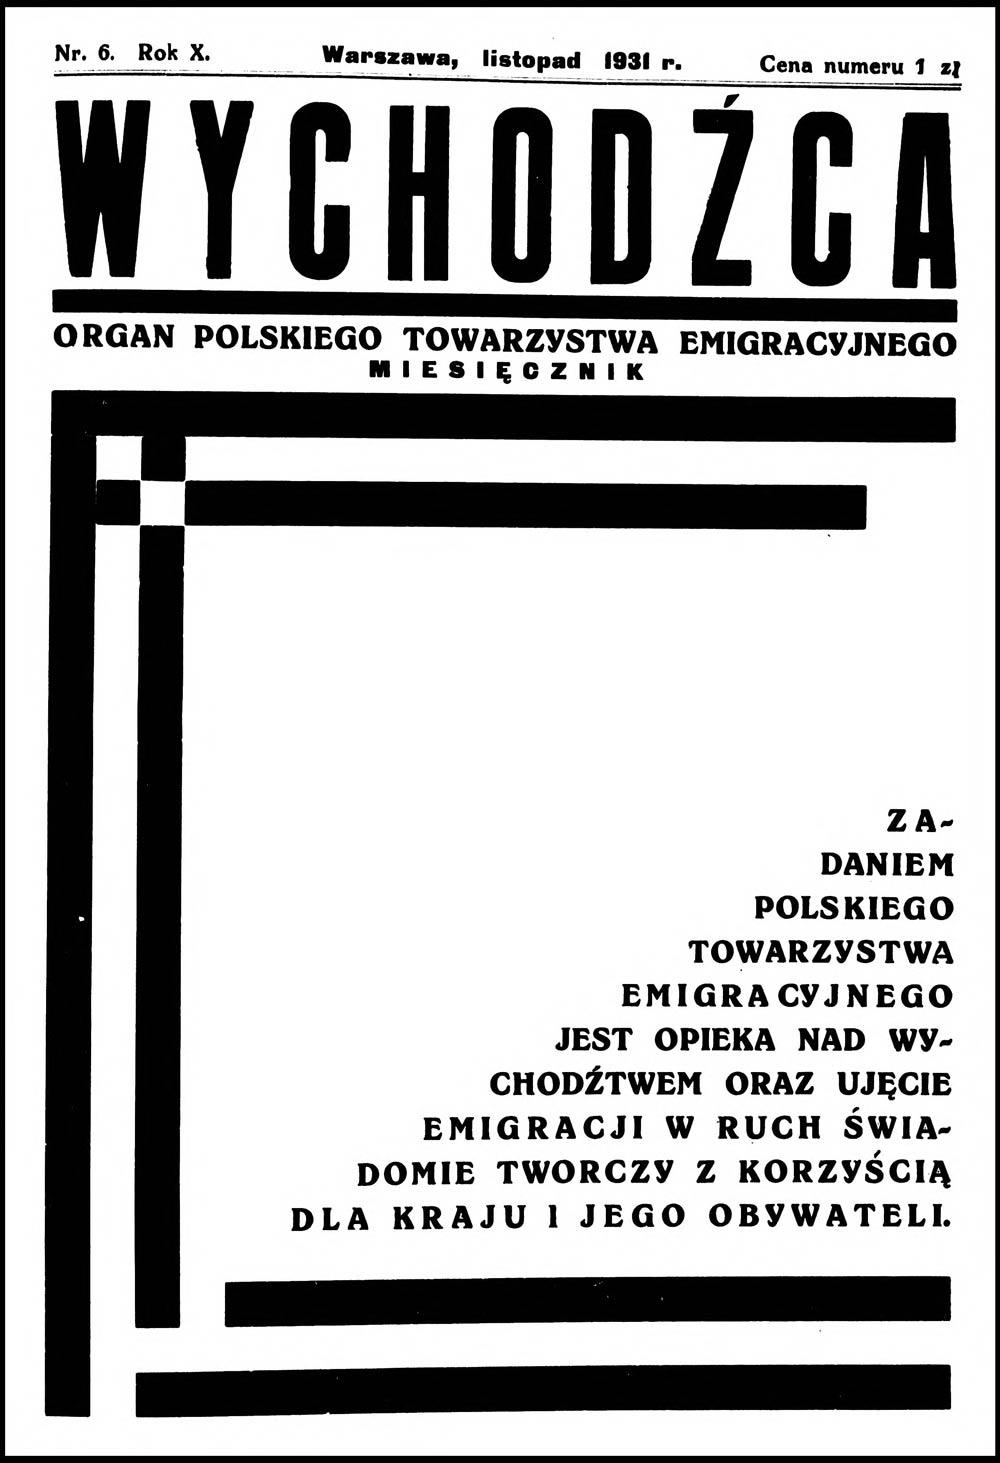 [1931, nr 06] Wychodźca. Organ Polskiego Towarzystwa Emigracyjnego. - 1931, nr 6